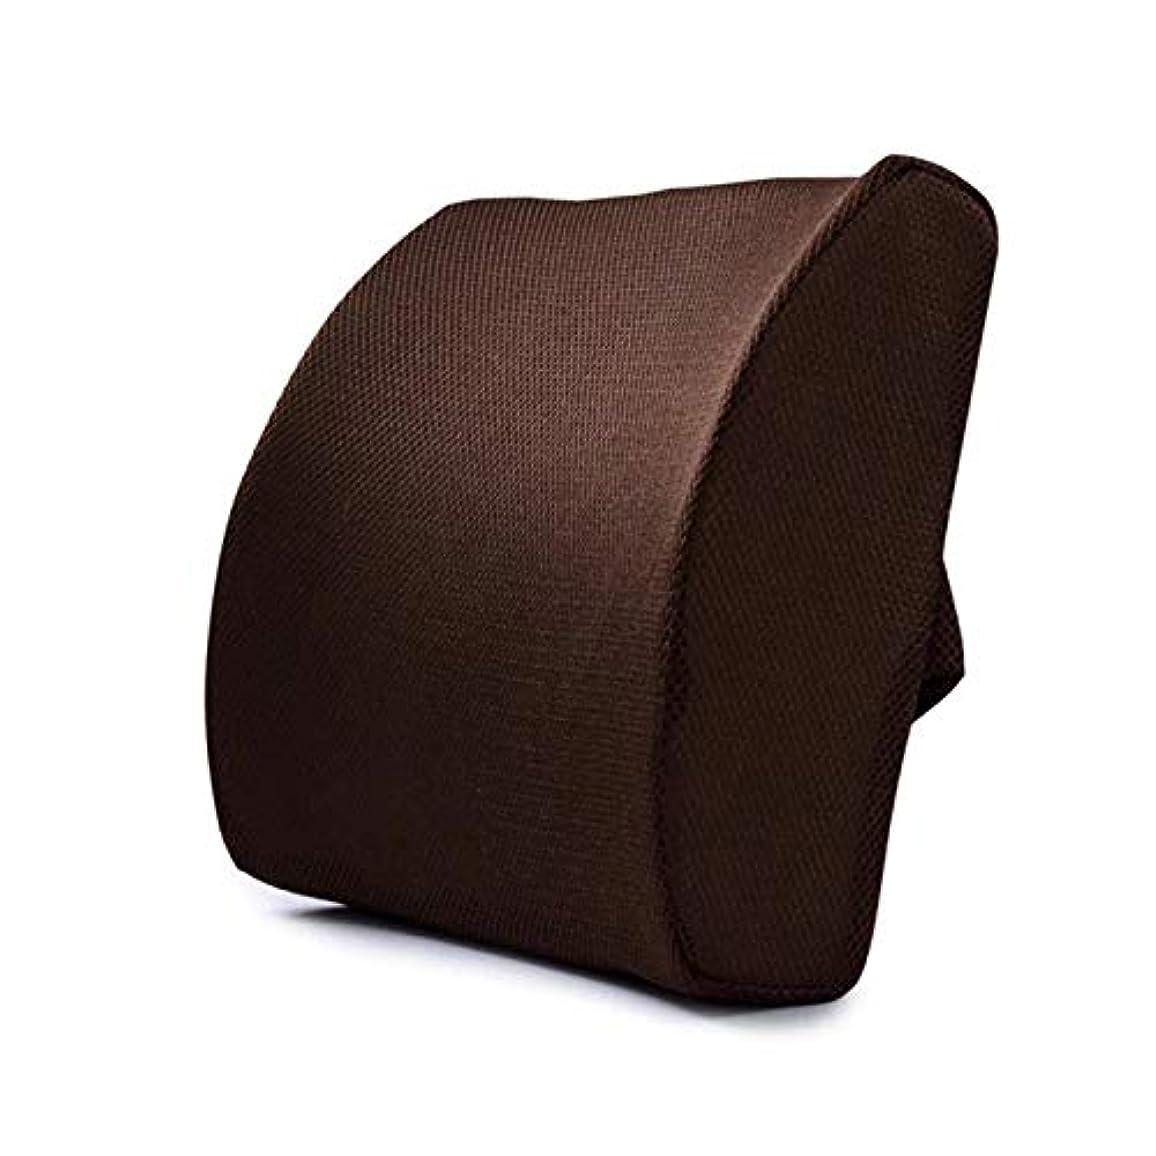 彼めまい平らなLIFE ホームオフィス背もたれ椅子腰椎クッションカーシートネック枕 3D 低反発サポートバックマッサージウエストレスリビング枕 クッション 椅子